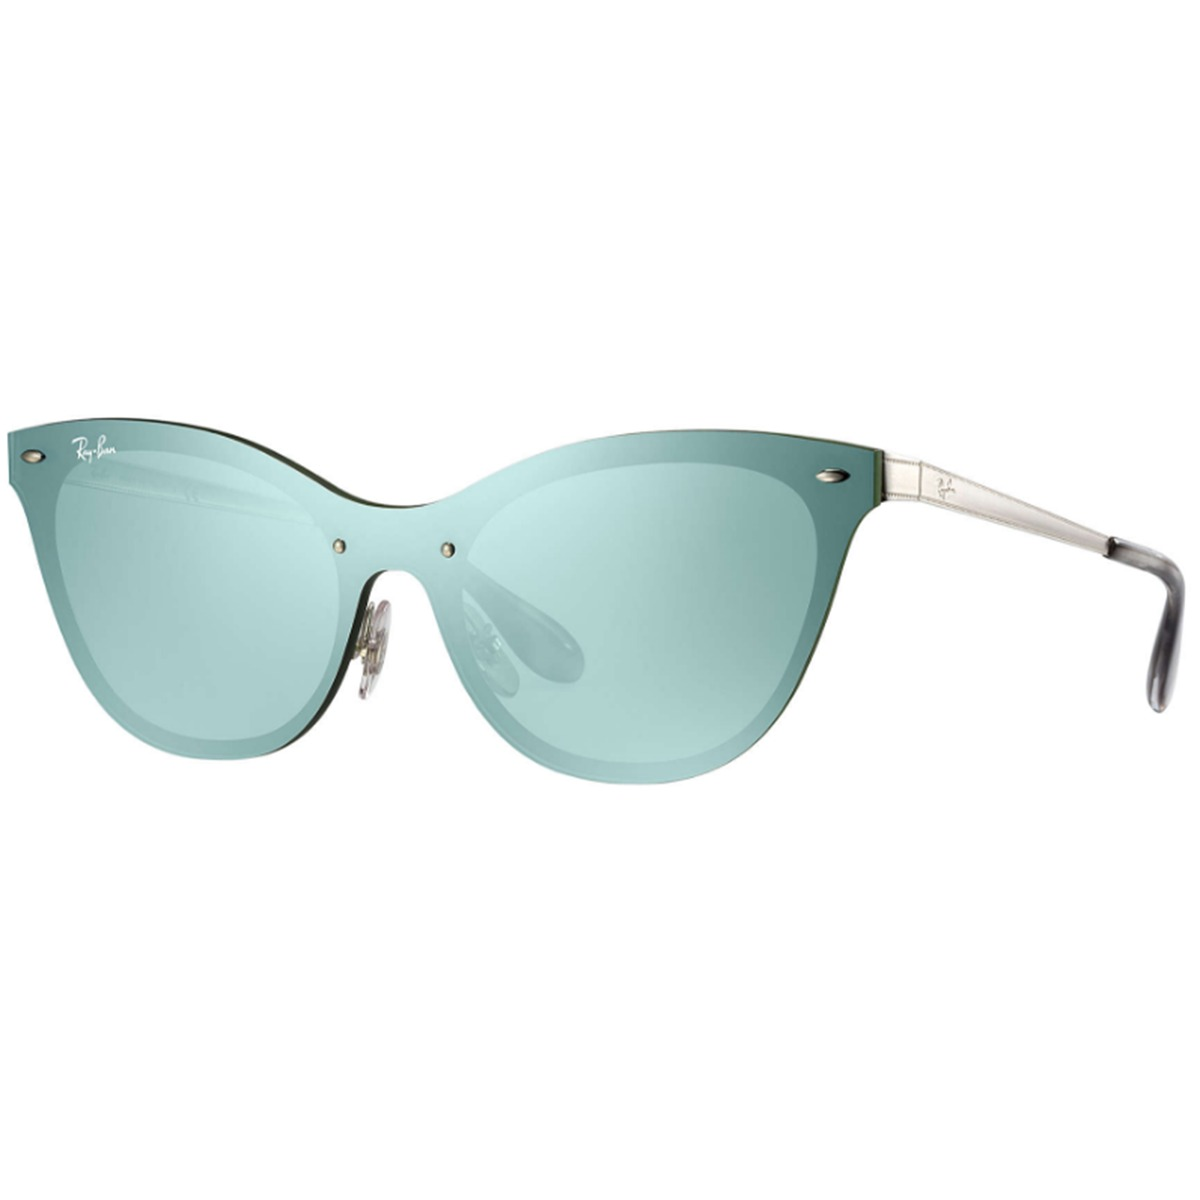 1ec254110671d Óculos De Sol Ray Ban Blaze Cat Eye Rb3580 042 30 - R  578,00 em ...